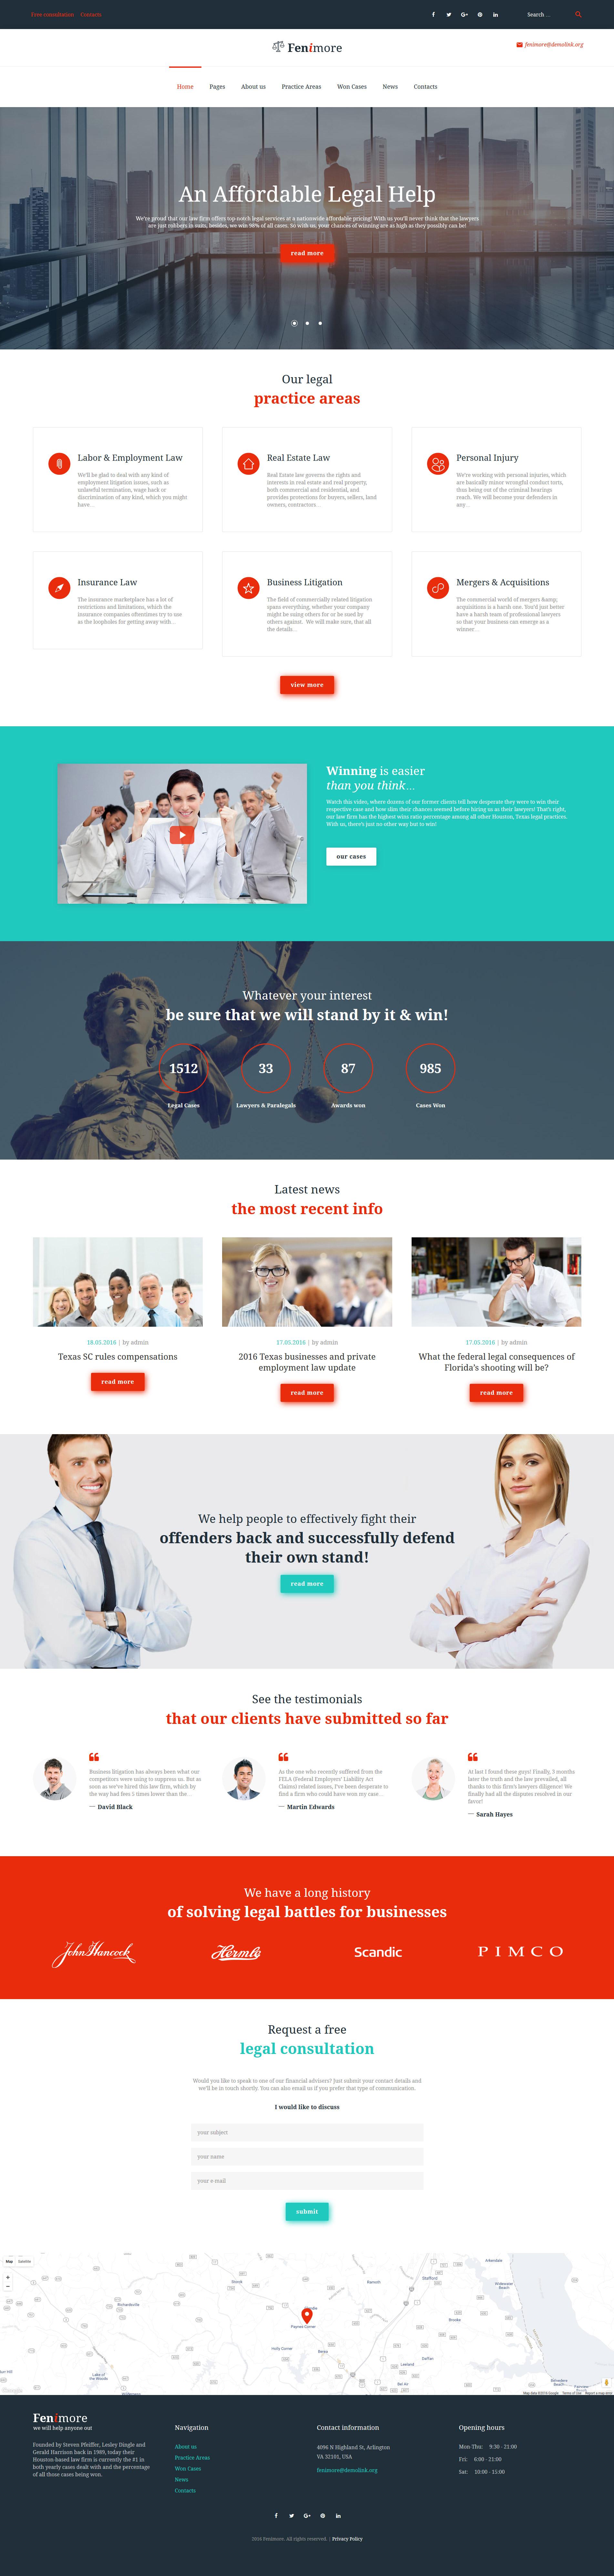 Fenimore - адаптивная WordPress тема для сайта юридической фирмы №58958 - скриншот